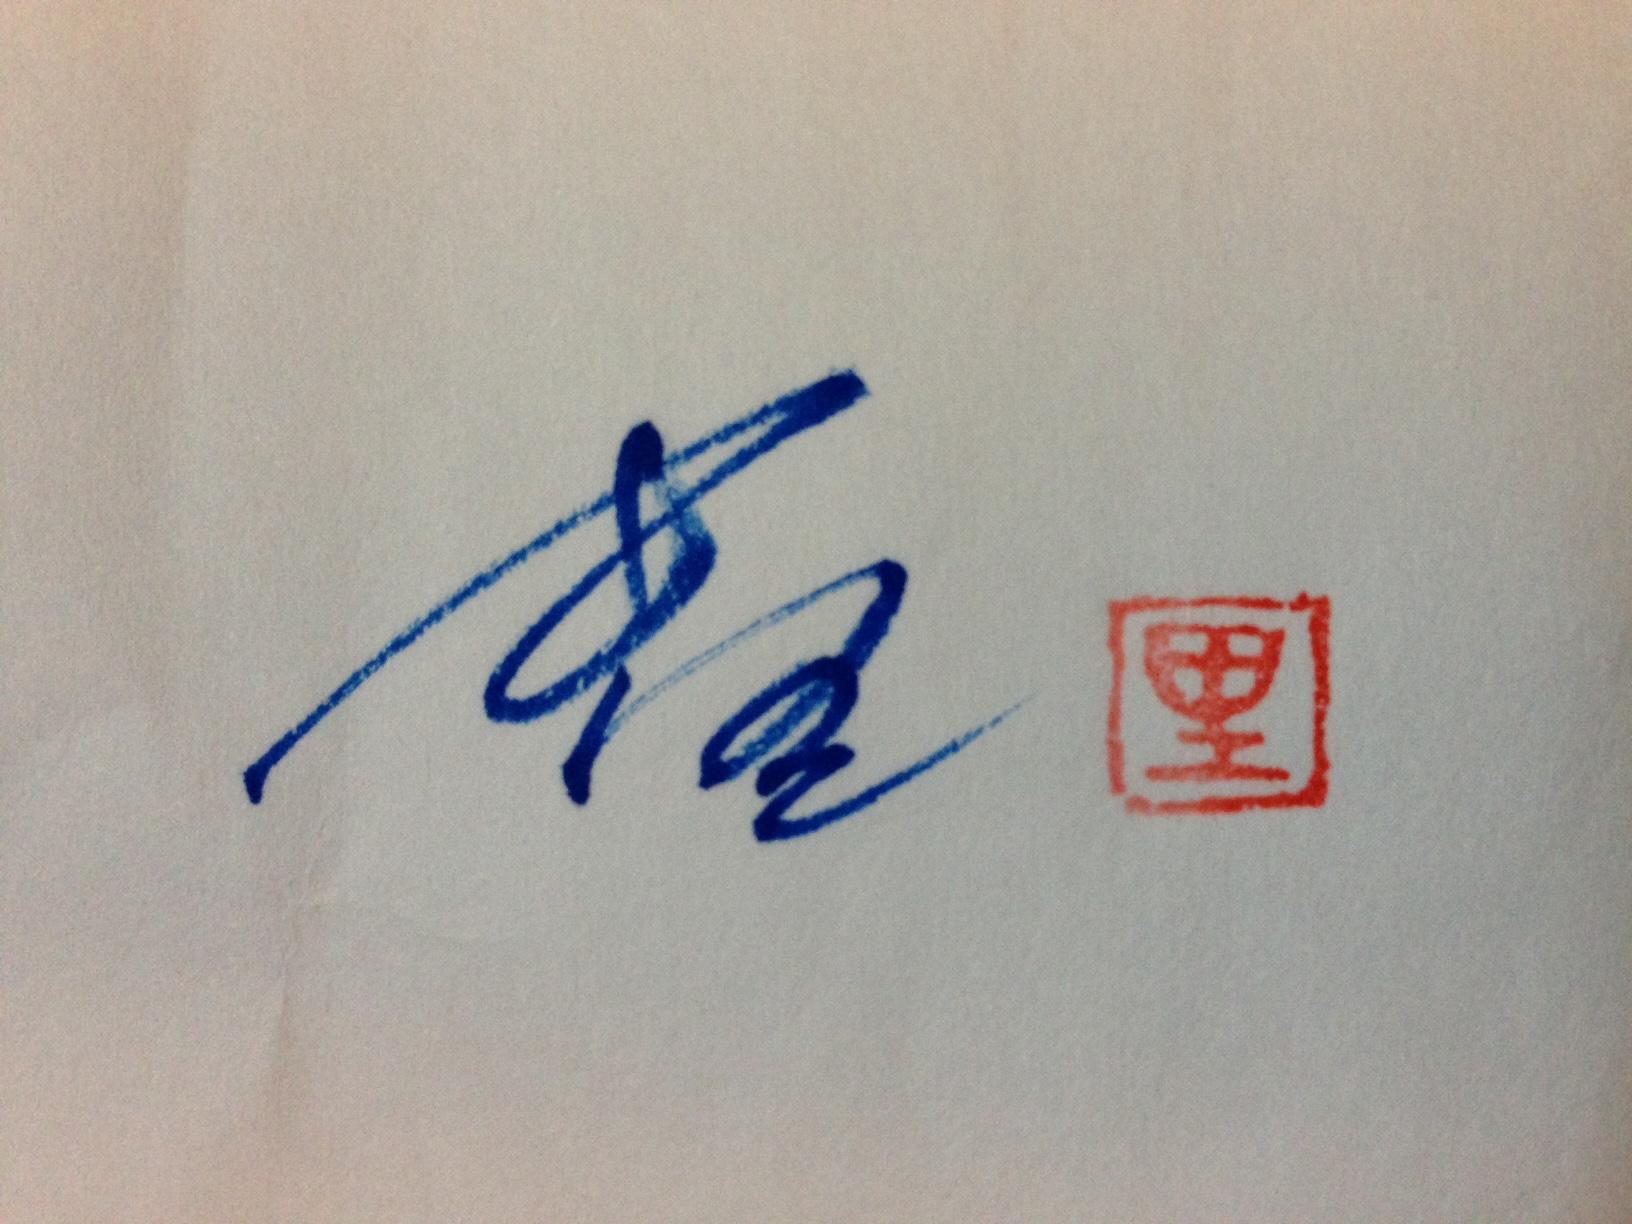 Eri Signature